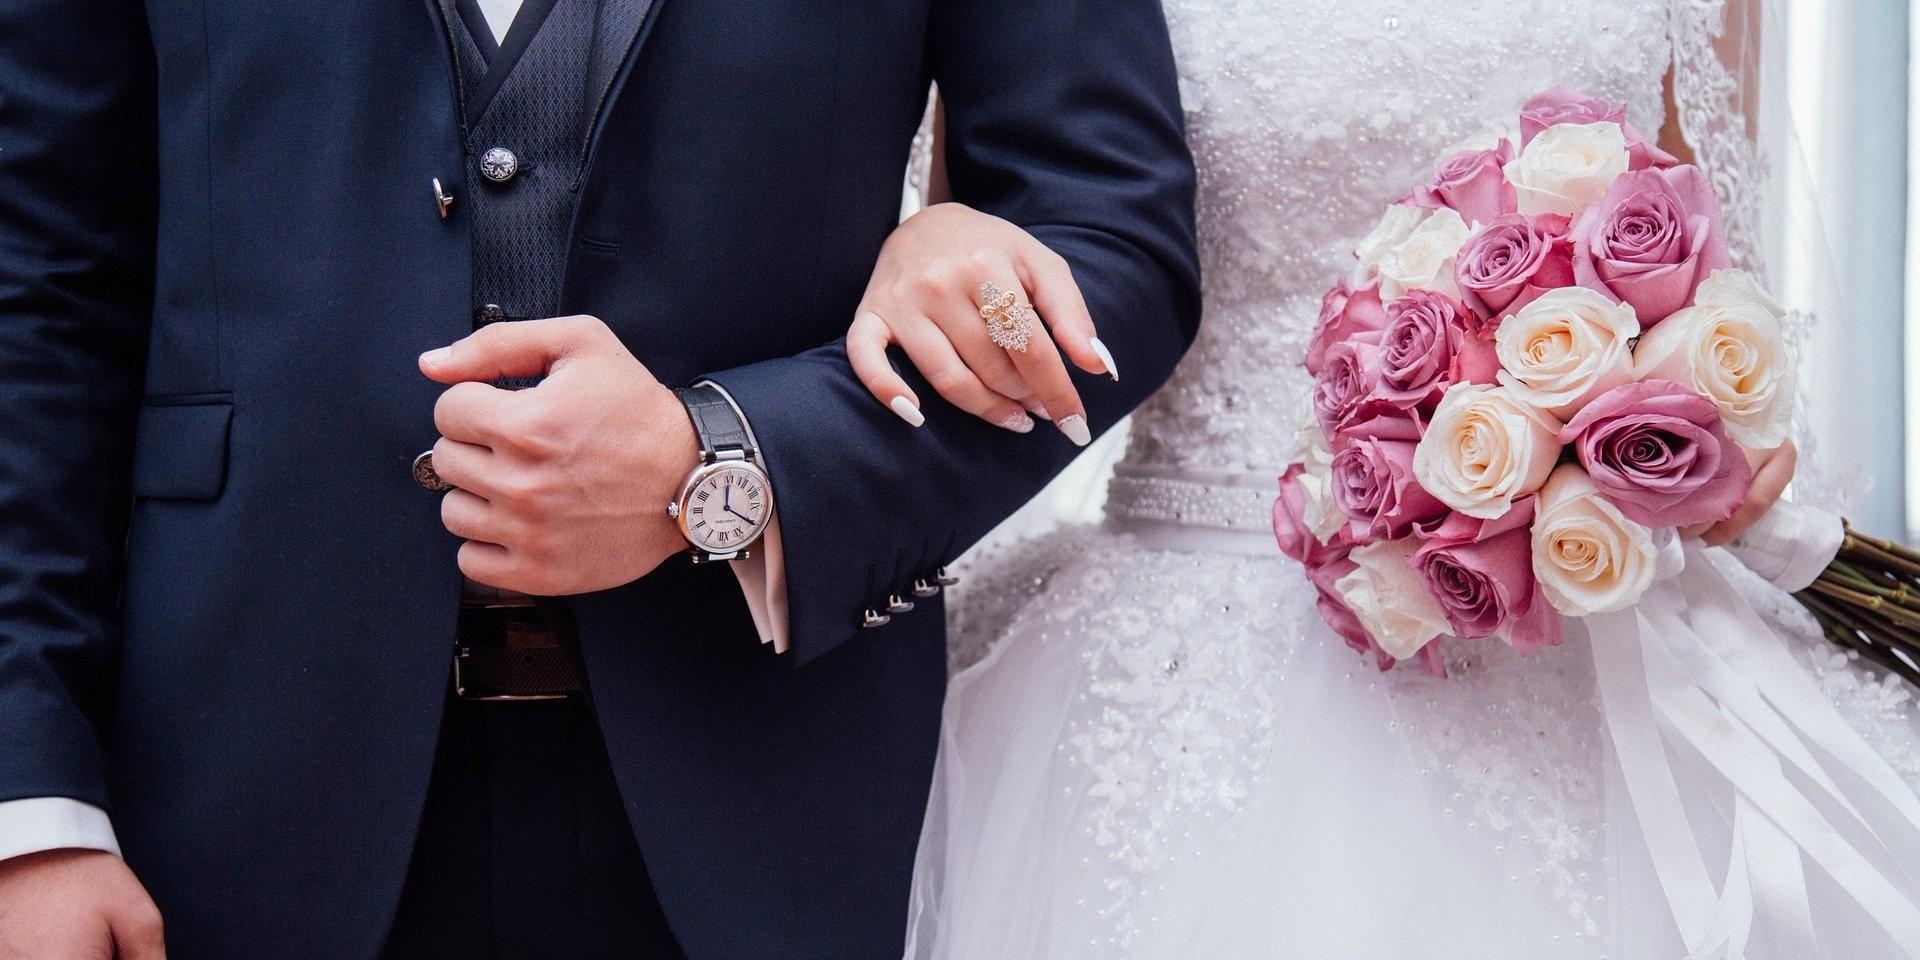 Streloviti pad sklopljenih brakova u Hrvatskoj, više je građanskih nego crkvenih